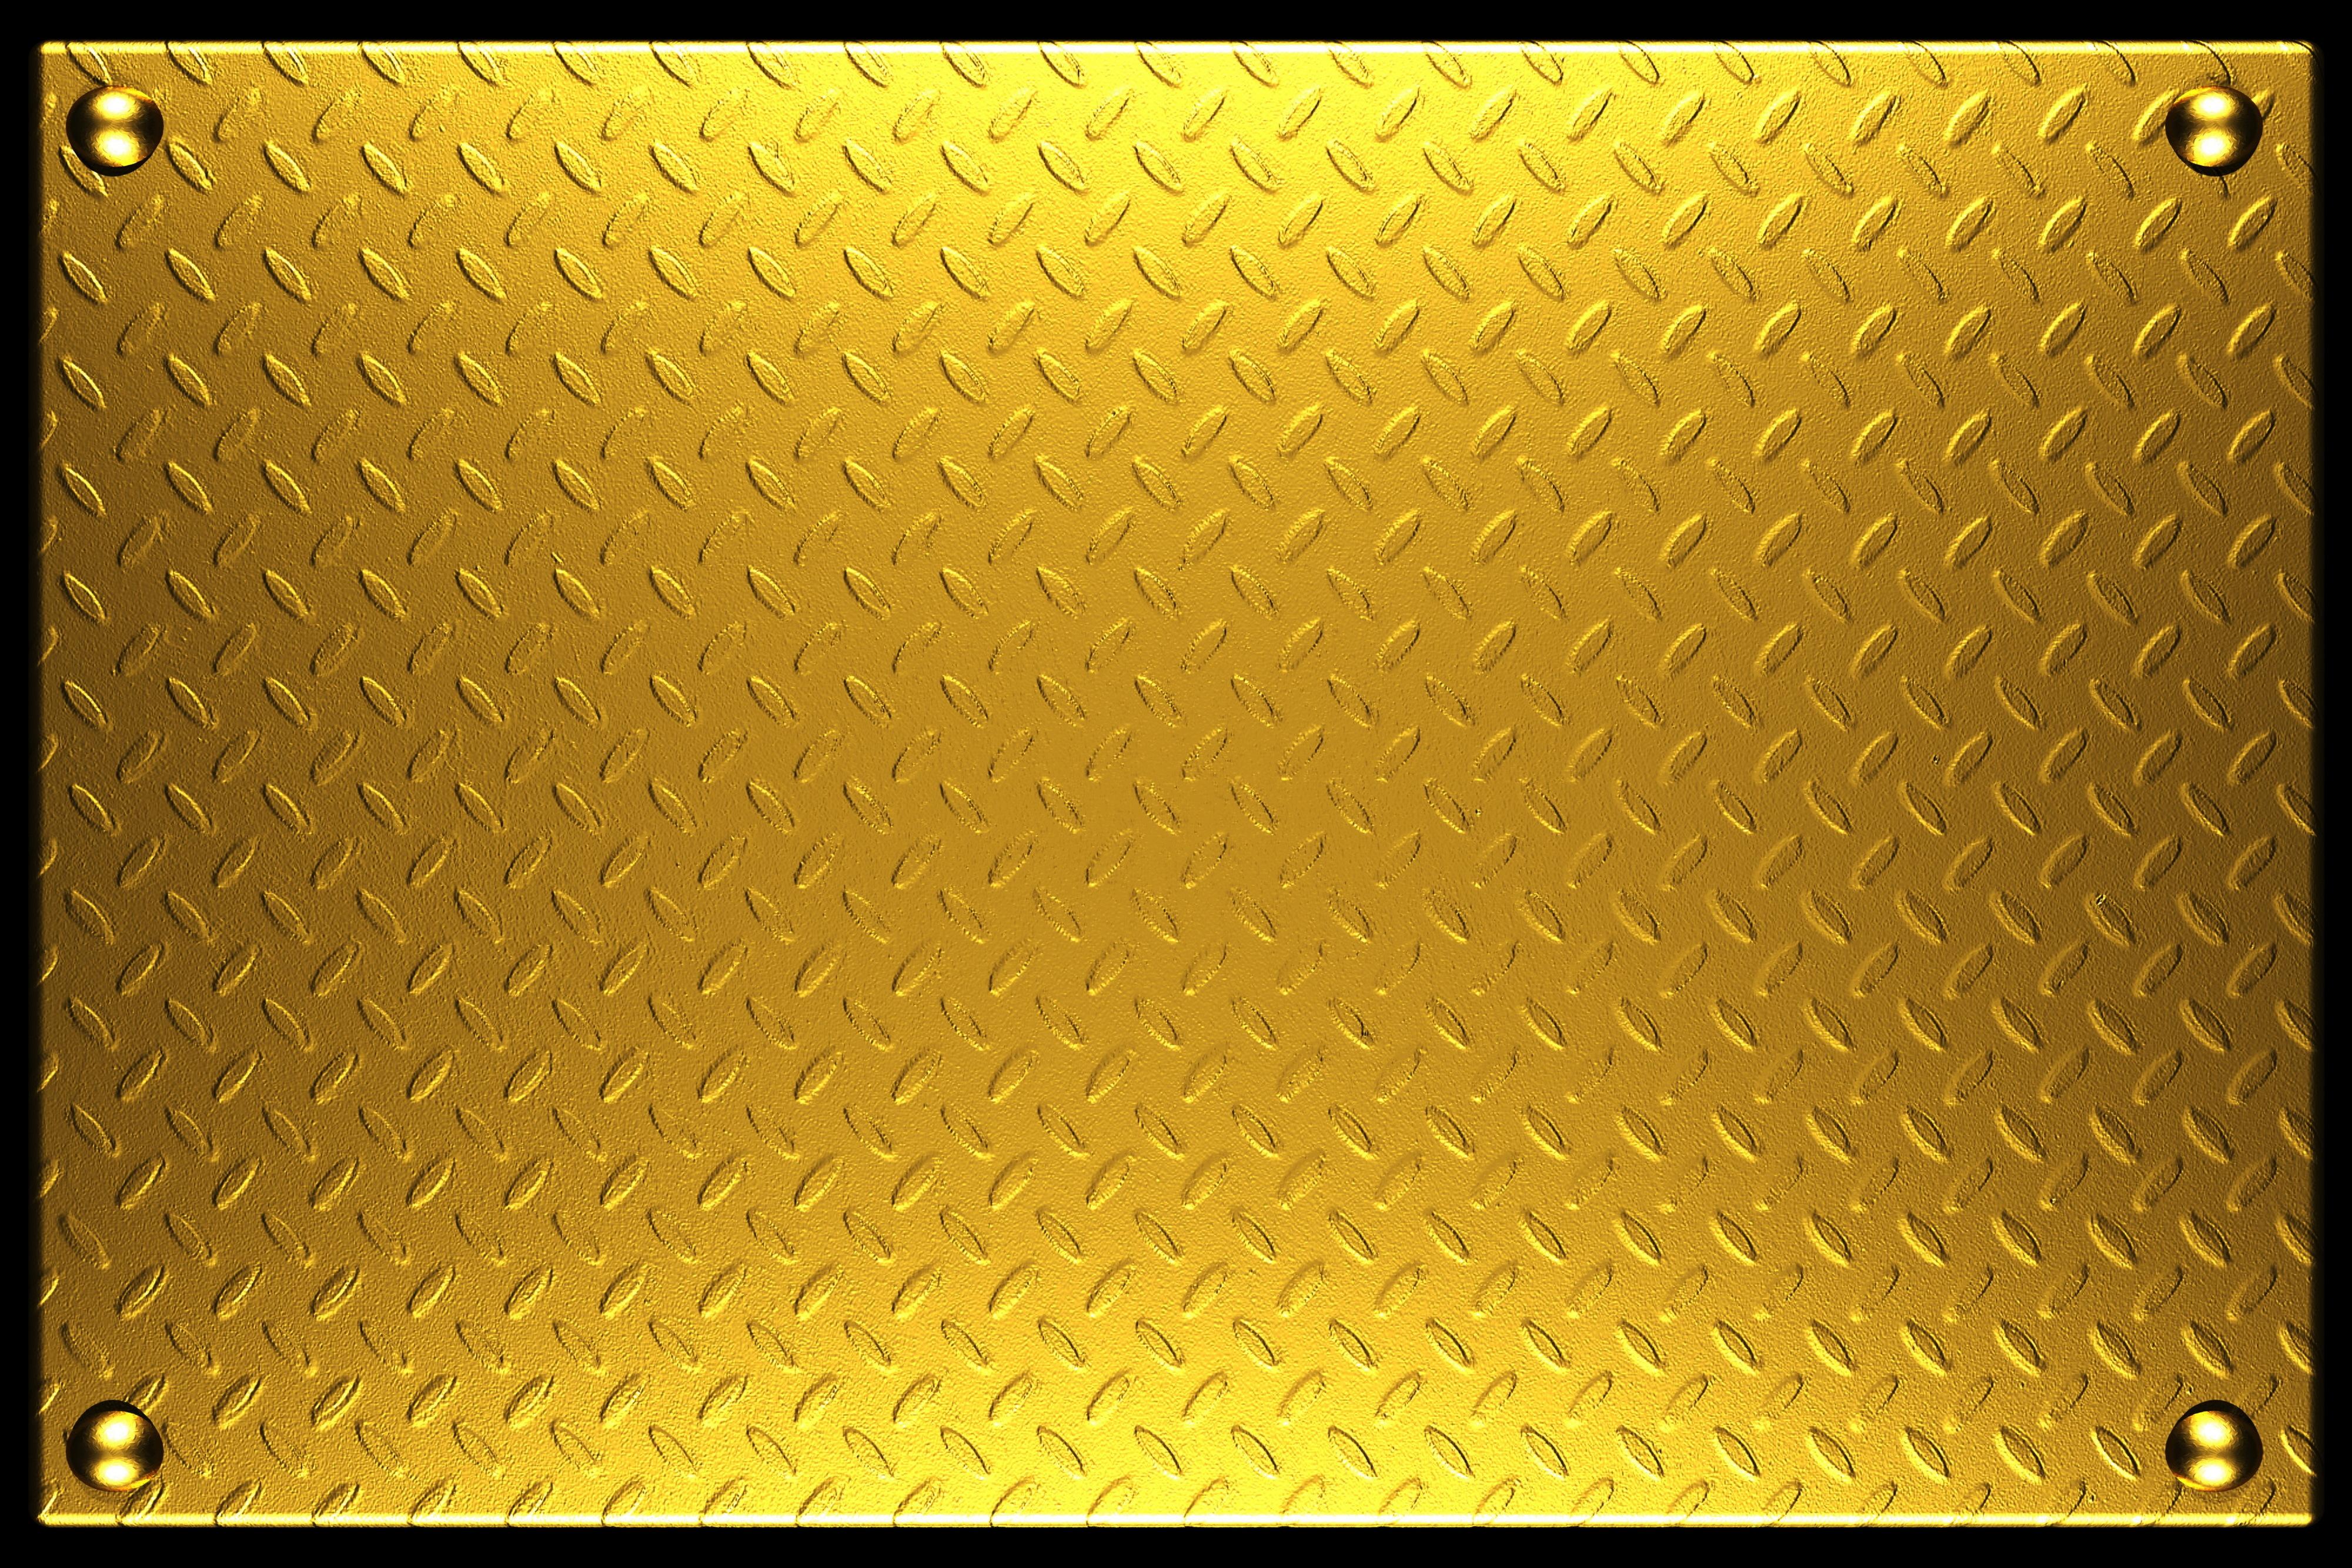 Metal gold metallic steel plate texture background metal 4000x2667